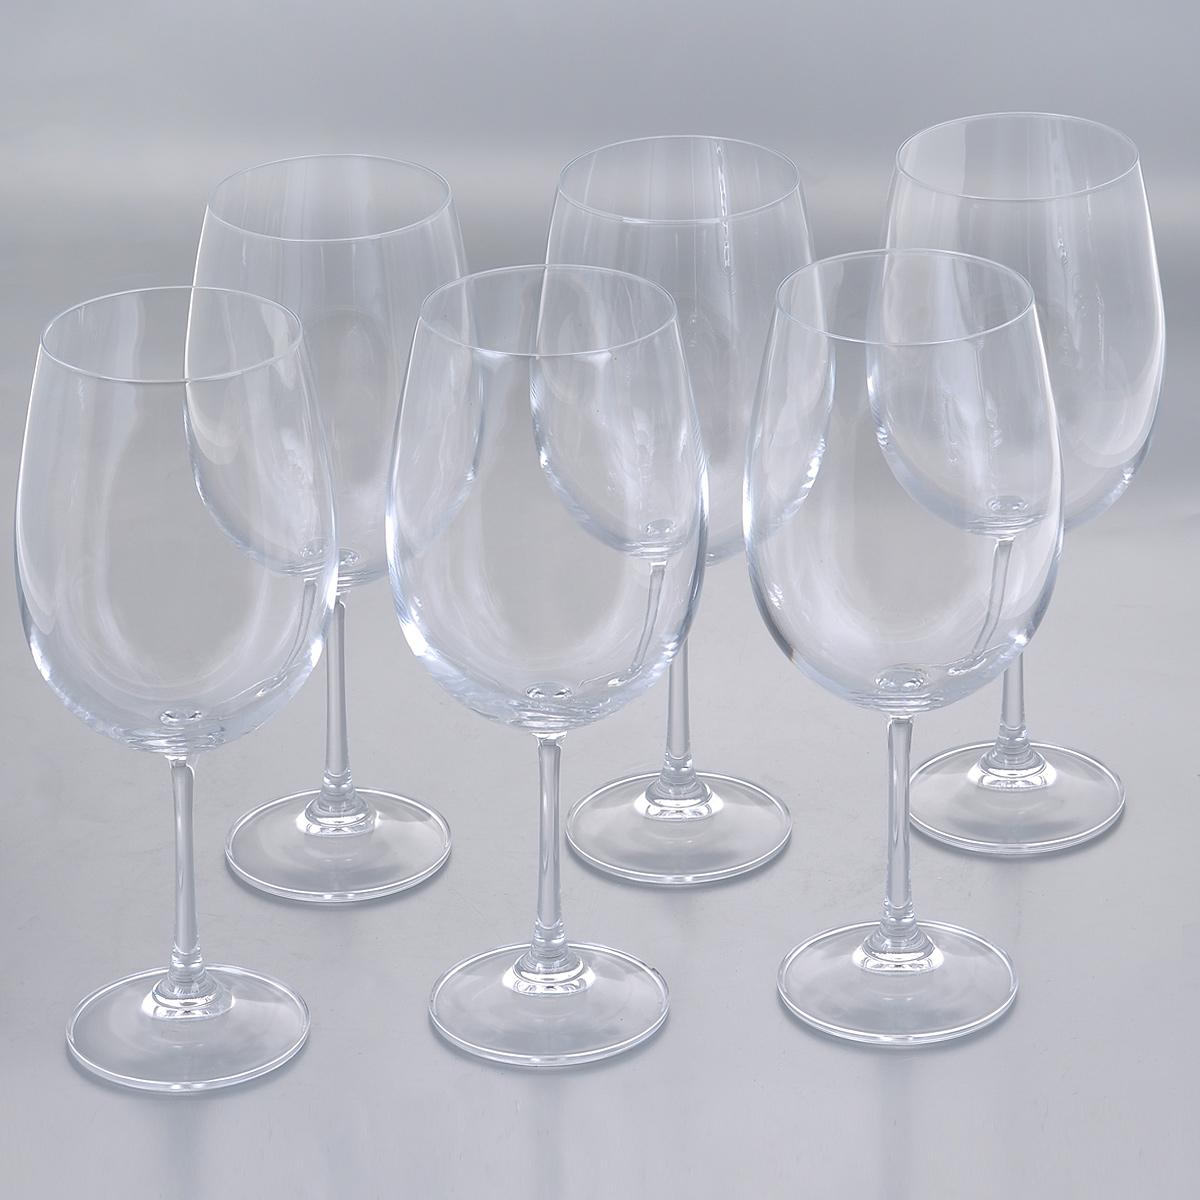 Набор бокалов для красного вина Crystalite Bohemia Барбара, 640 мл, 6 шт1SD22/640Набор Crystalite Bohemia Барбара состоит из шести бокалов, выполненных из прочного высококачественного прозрачного стекла. Изделия оснащены изящными высокими ножками. Бокалы предназначены для подачи красного вина. Они излучают приятный блеск и издают мелодичный звон. Бокалы сочетают в себе элегантный дизайн и функциональность. Благодаря такому набору пить напитки будет еще вкуснее.Набор бокалов Crystalite Bohemia Барбара прекрасно оформит праздничный стол и создаст приятную атмосферу за романтическим ужином. Такой набор также станет хорошим подарком к любому случаю. Не использовать в посудомоечной машине и микроволновой печи.